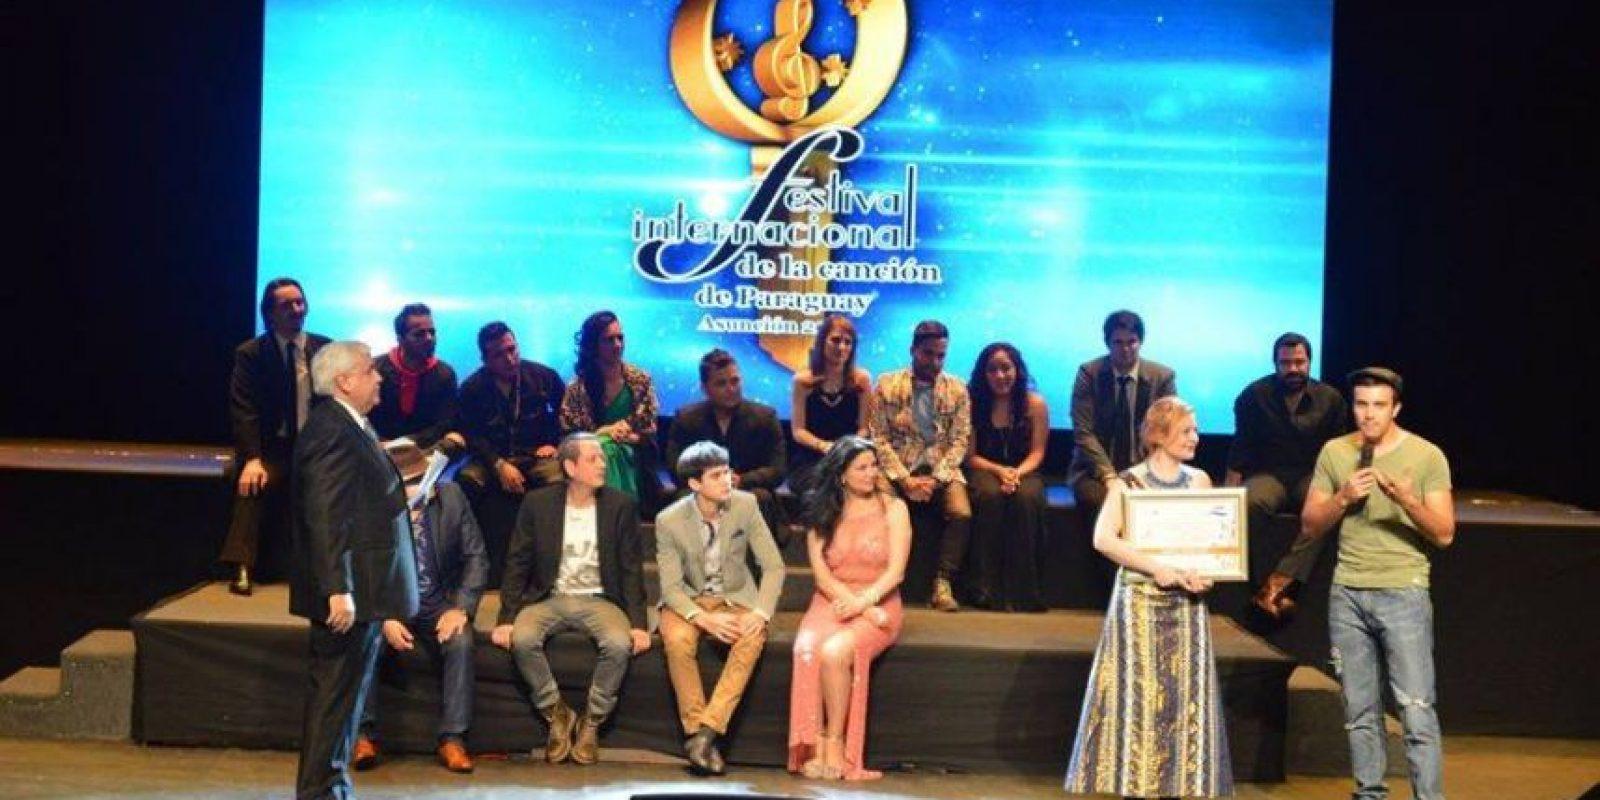 Foto:Festival Internacional de la Canción de Paraguay